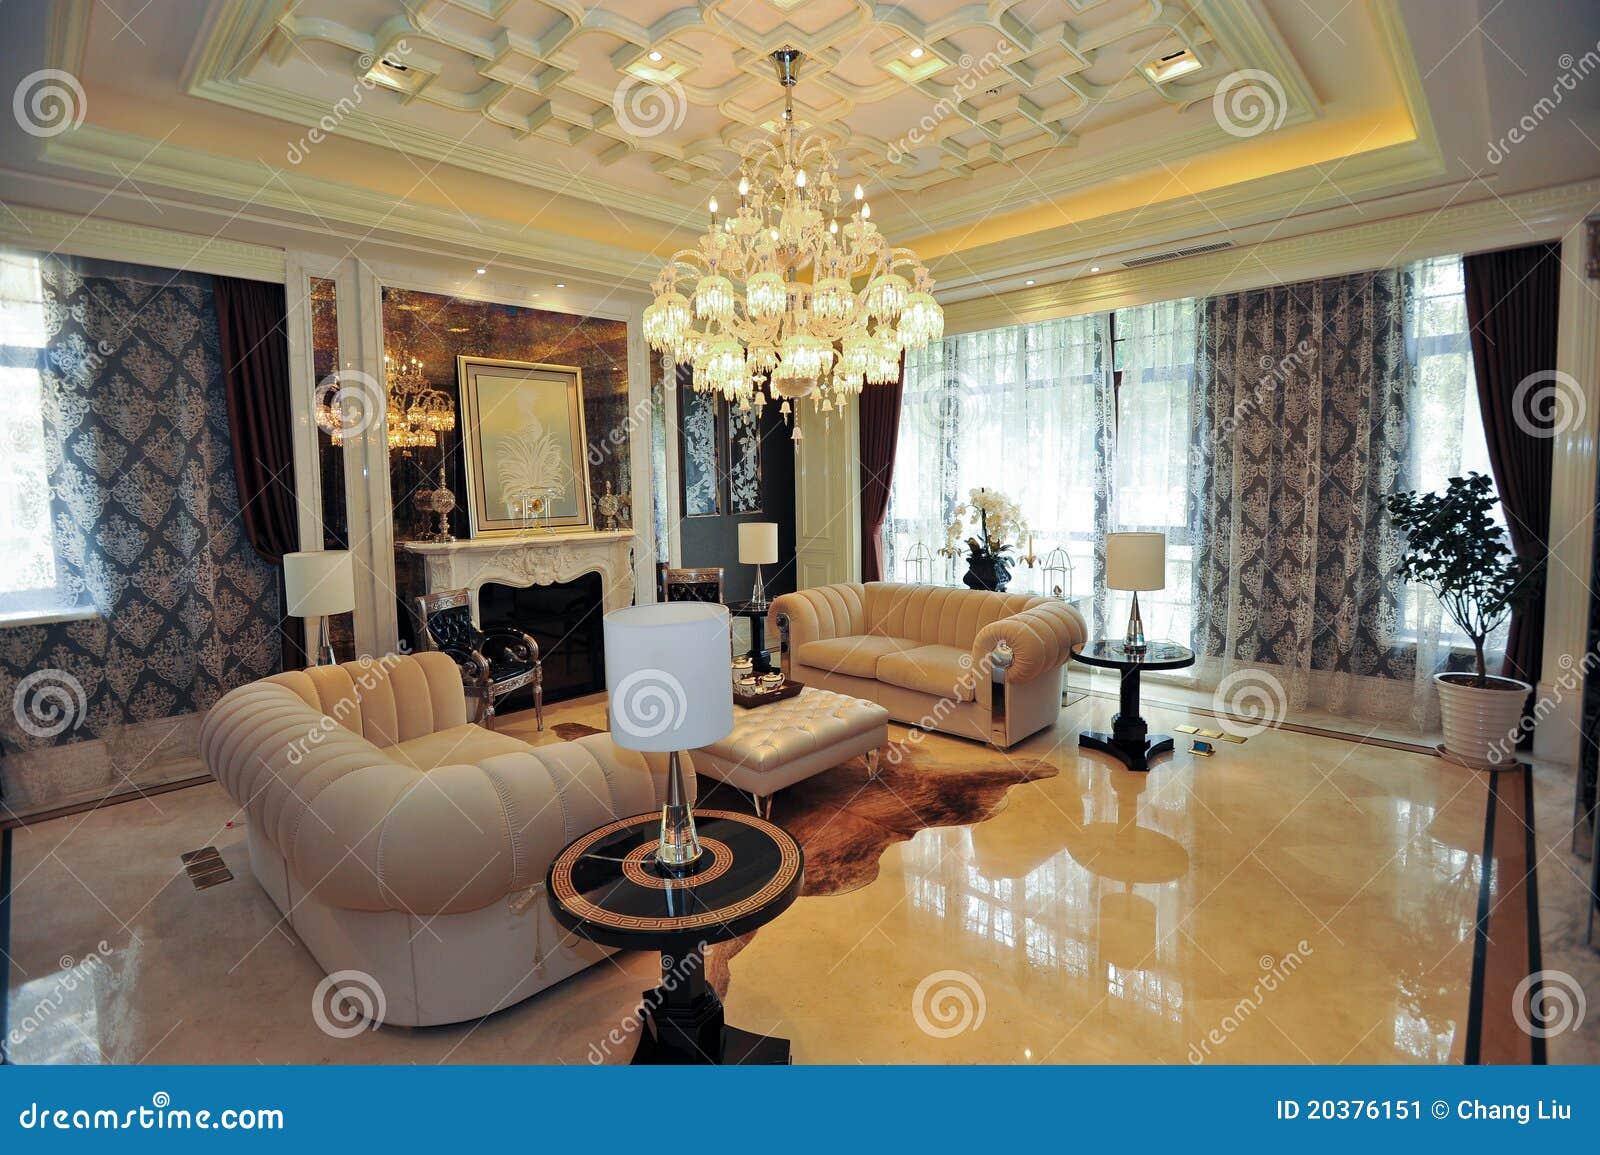 https://thumbs.dreamstime.com/z/de-woonkamer-gele-bank-van-de-villa-20376151.jpg